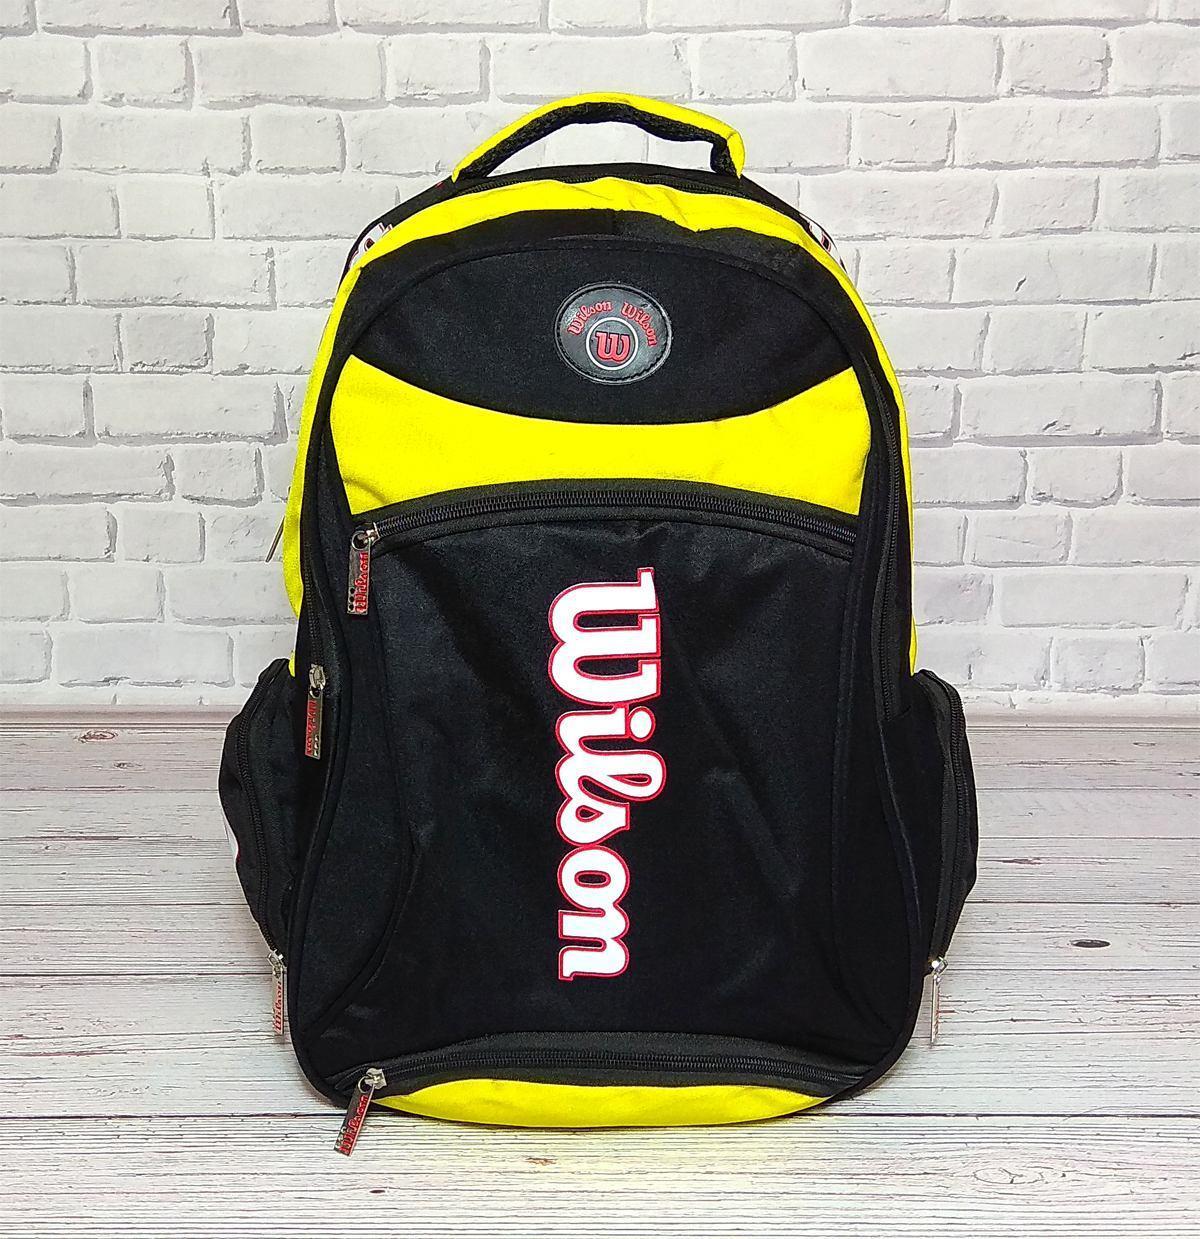 Вместительный рюкзак Wilson для школы, спорта. Черный с желтым., фото 1